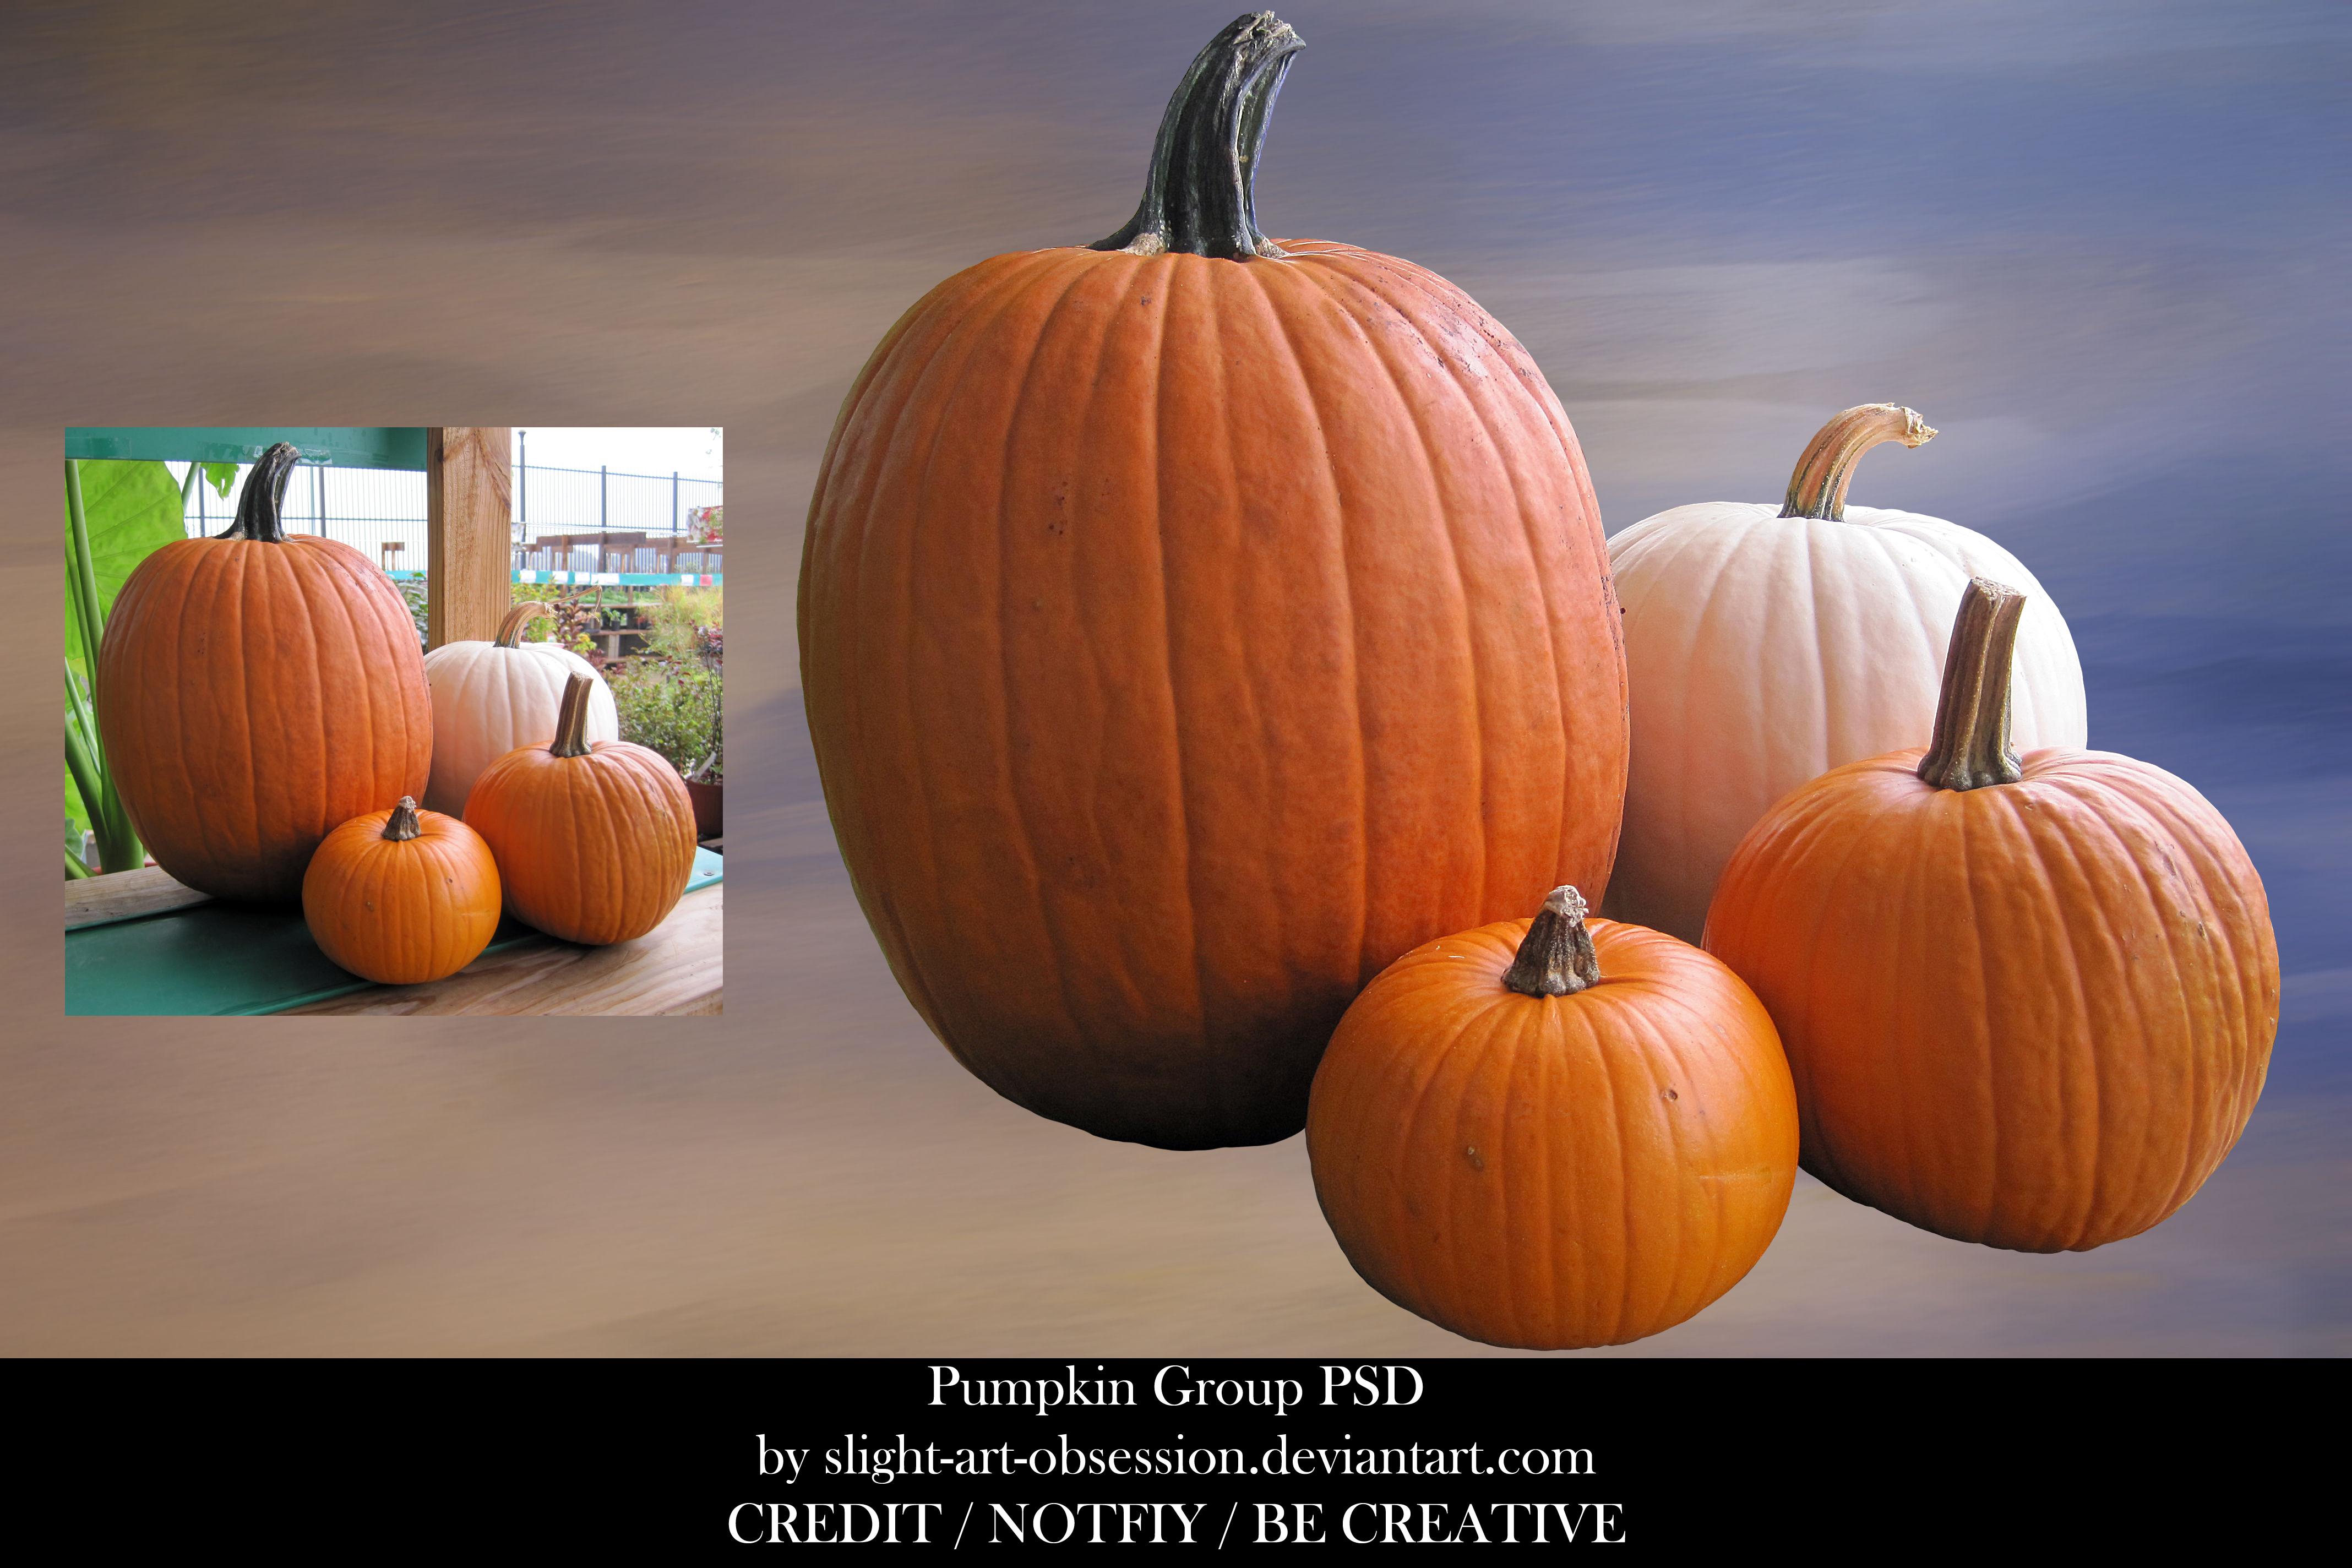 Pumpkin Group PSD